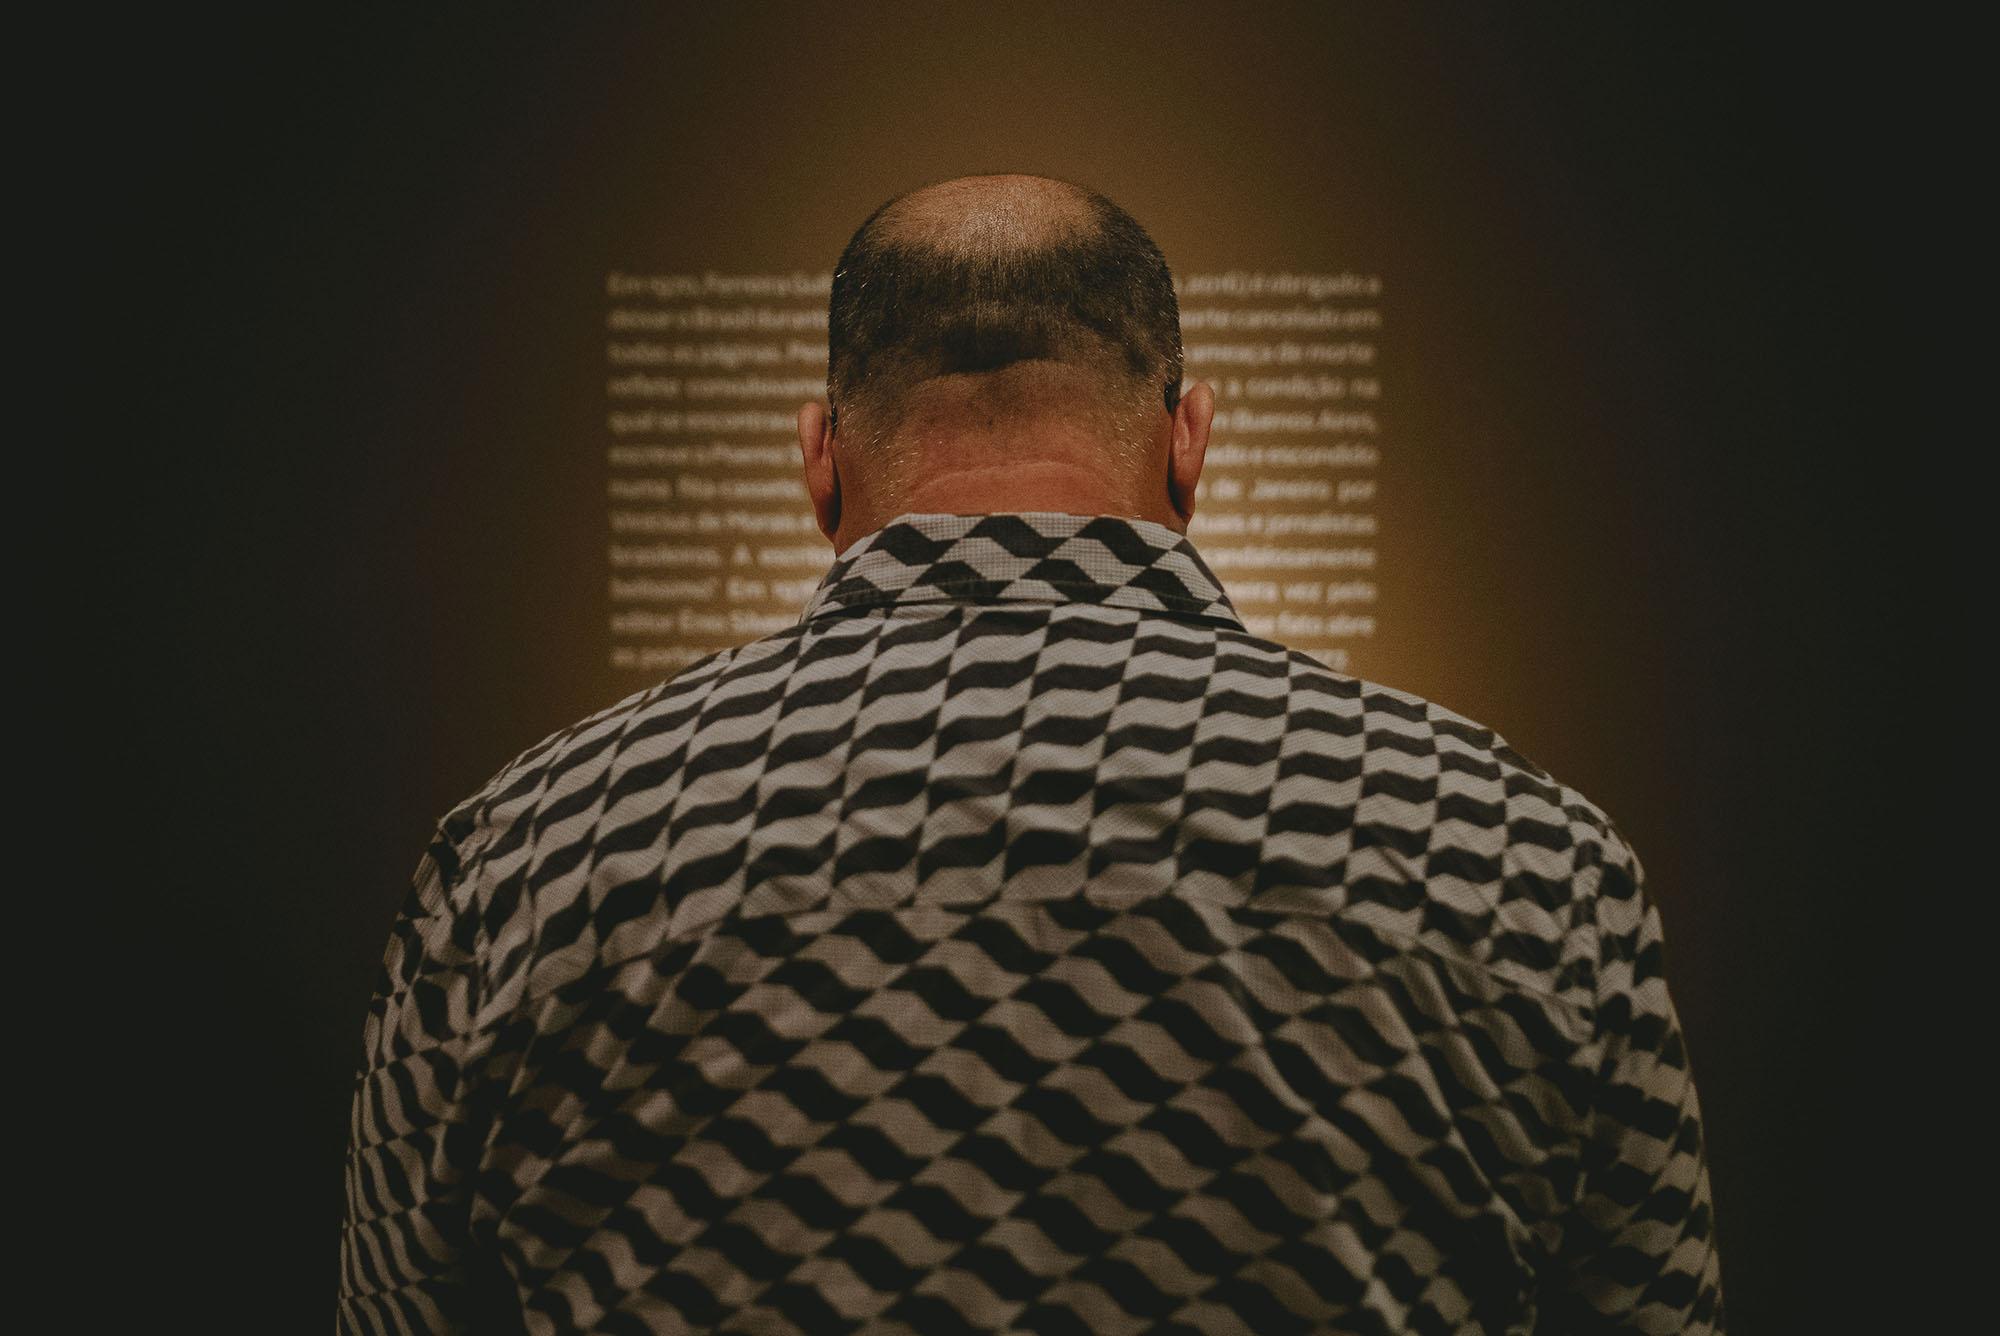 Visões-de-um-poema-sujo : exposição-lançamento-livro : Márcio Vasconcelos : Gustavo Semeghini : Blog -005.jpg